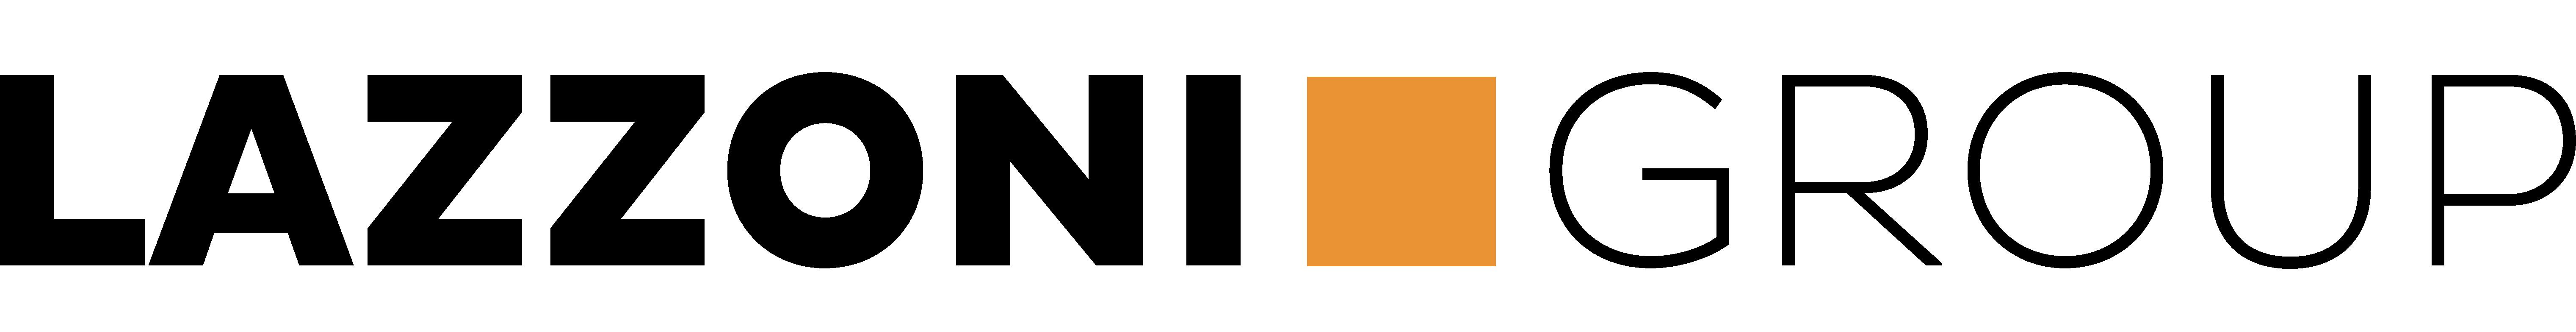 Wiertarki przemysłowe - Lazzoni Group